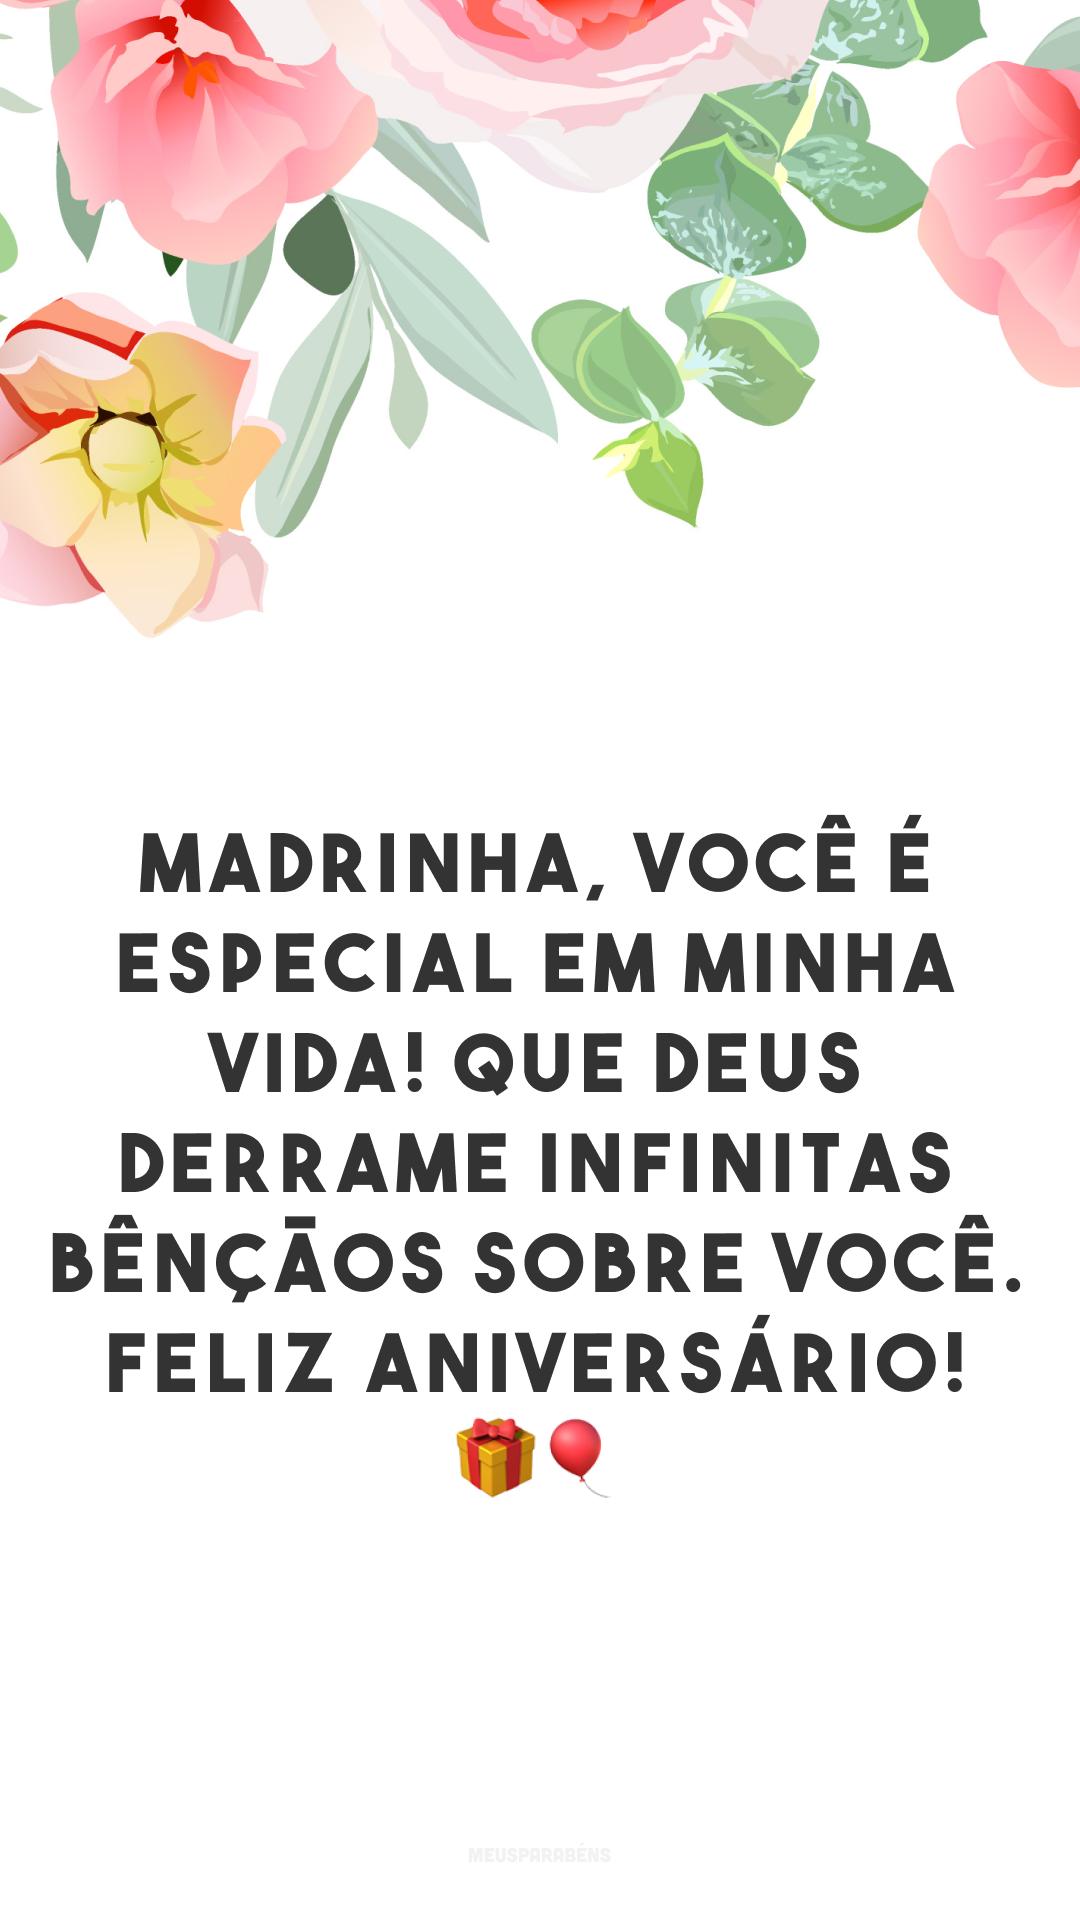 Madrinha, você é especial em minha vida! Que Deus derrame infinitas bênçãos sobre você. Feliz aniversário! 🎁🎈